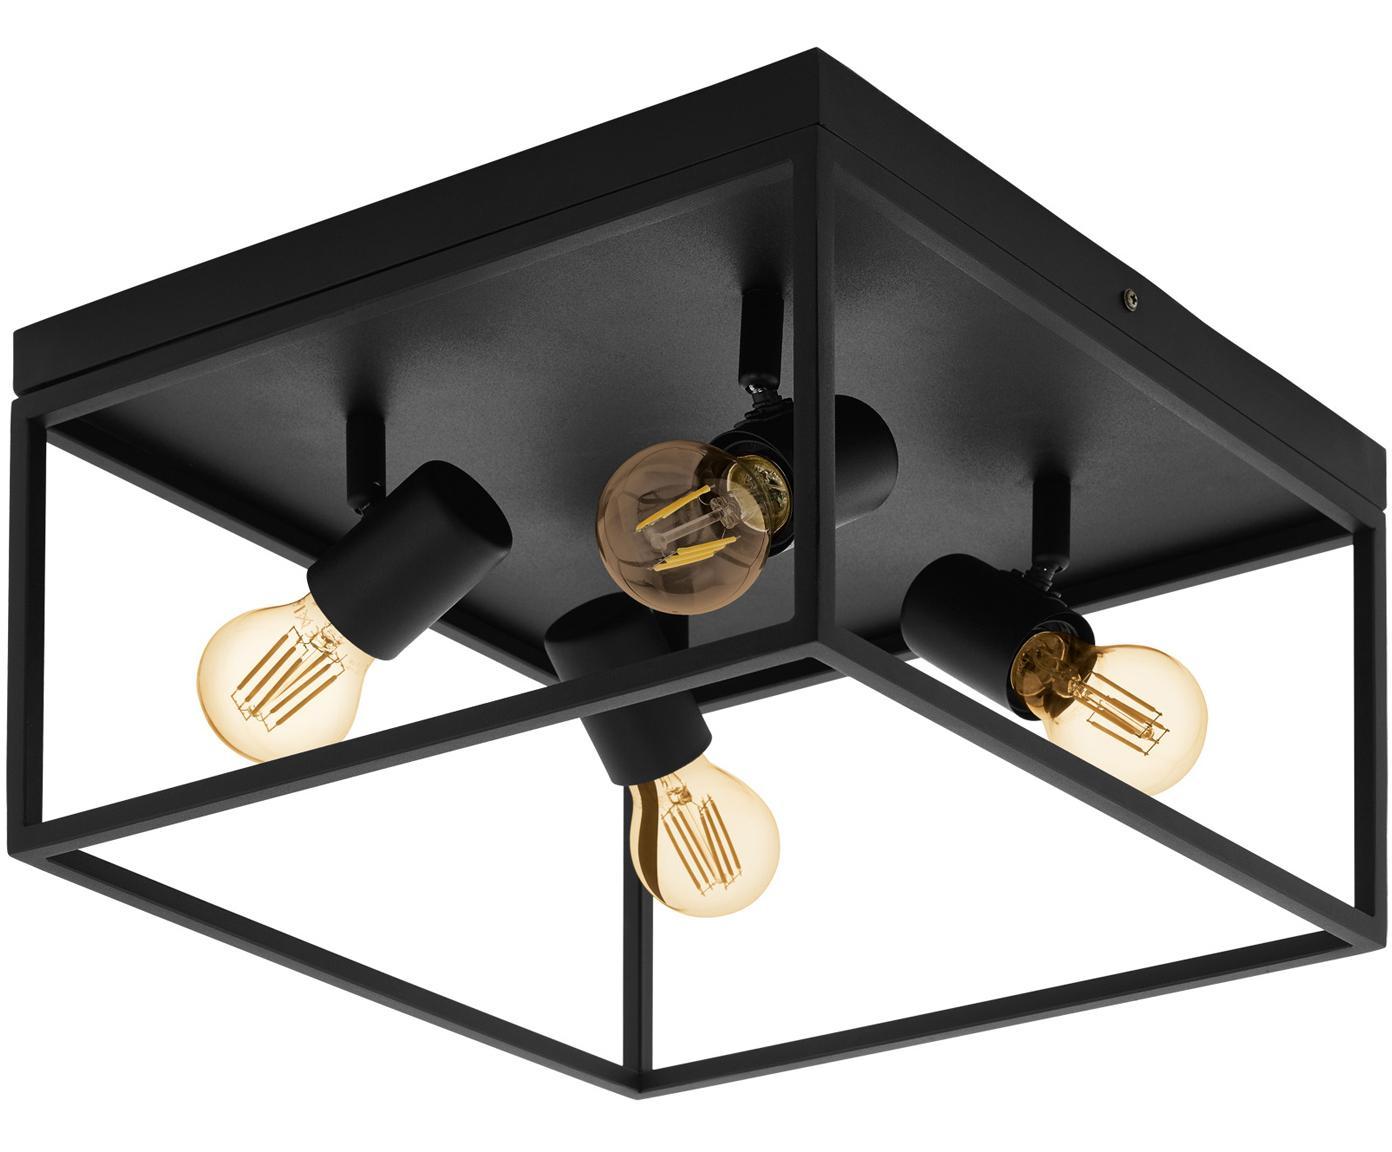 Plafondlamp Silentina, Gepoedercoat staal, Zwart, 36 x 21 cm